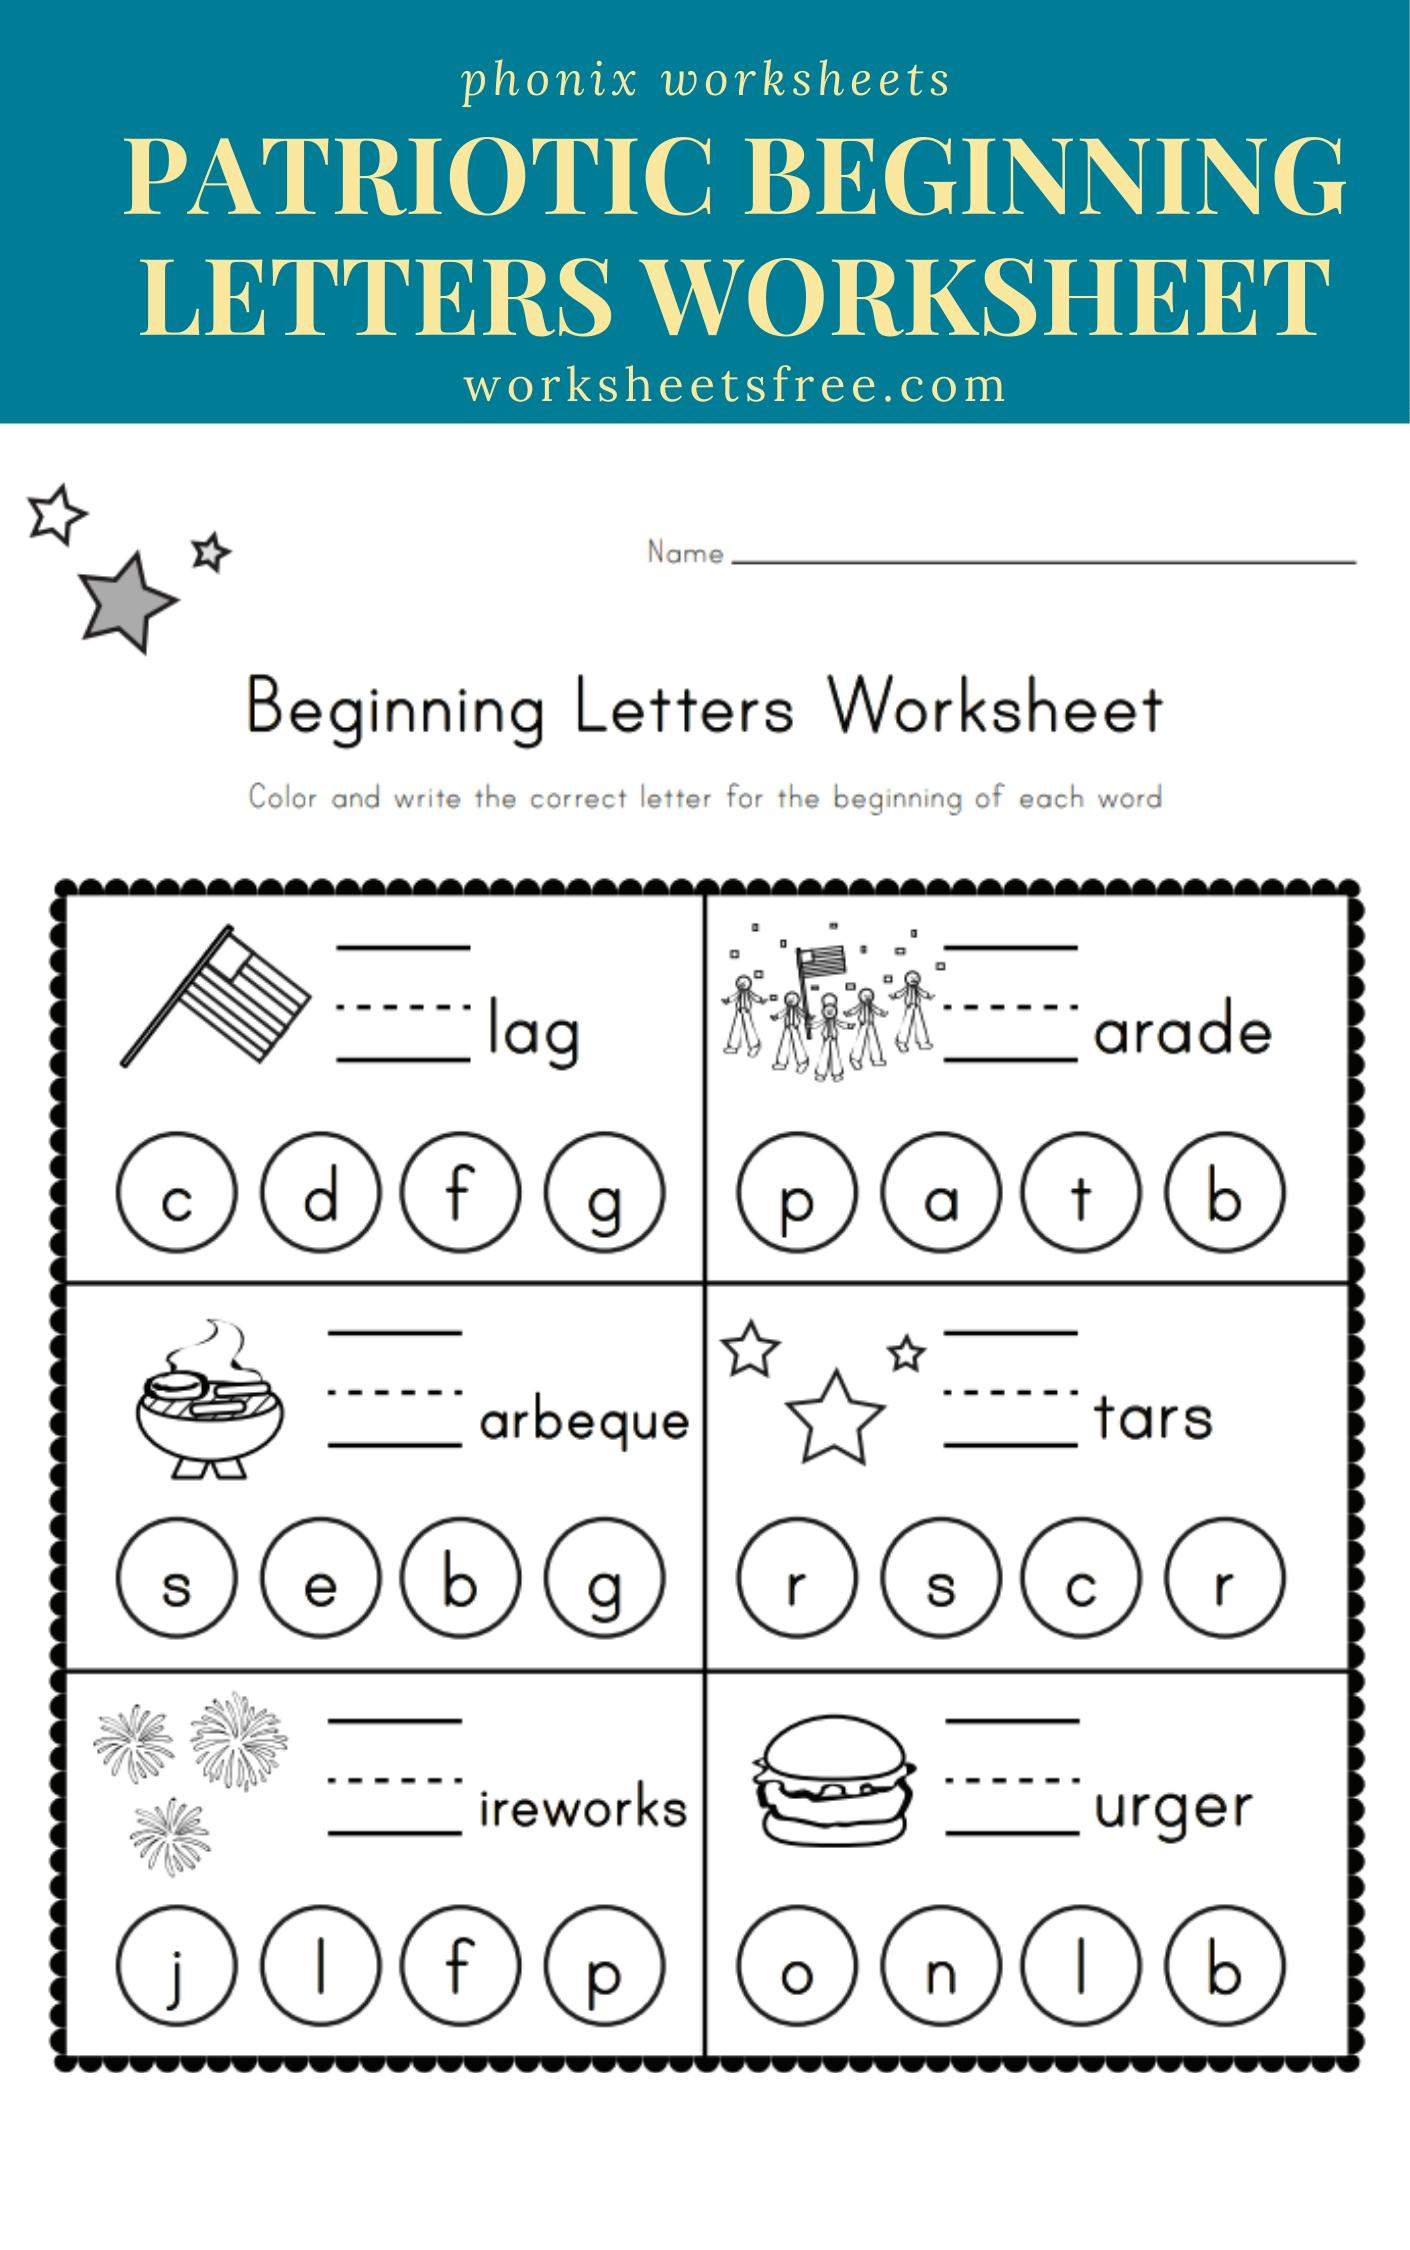 Patriotic Beginning Letters Worksheet